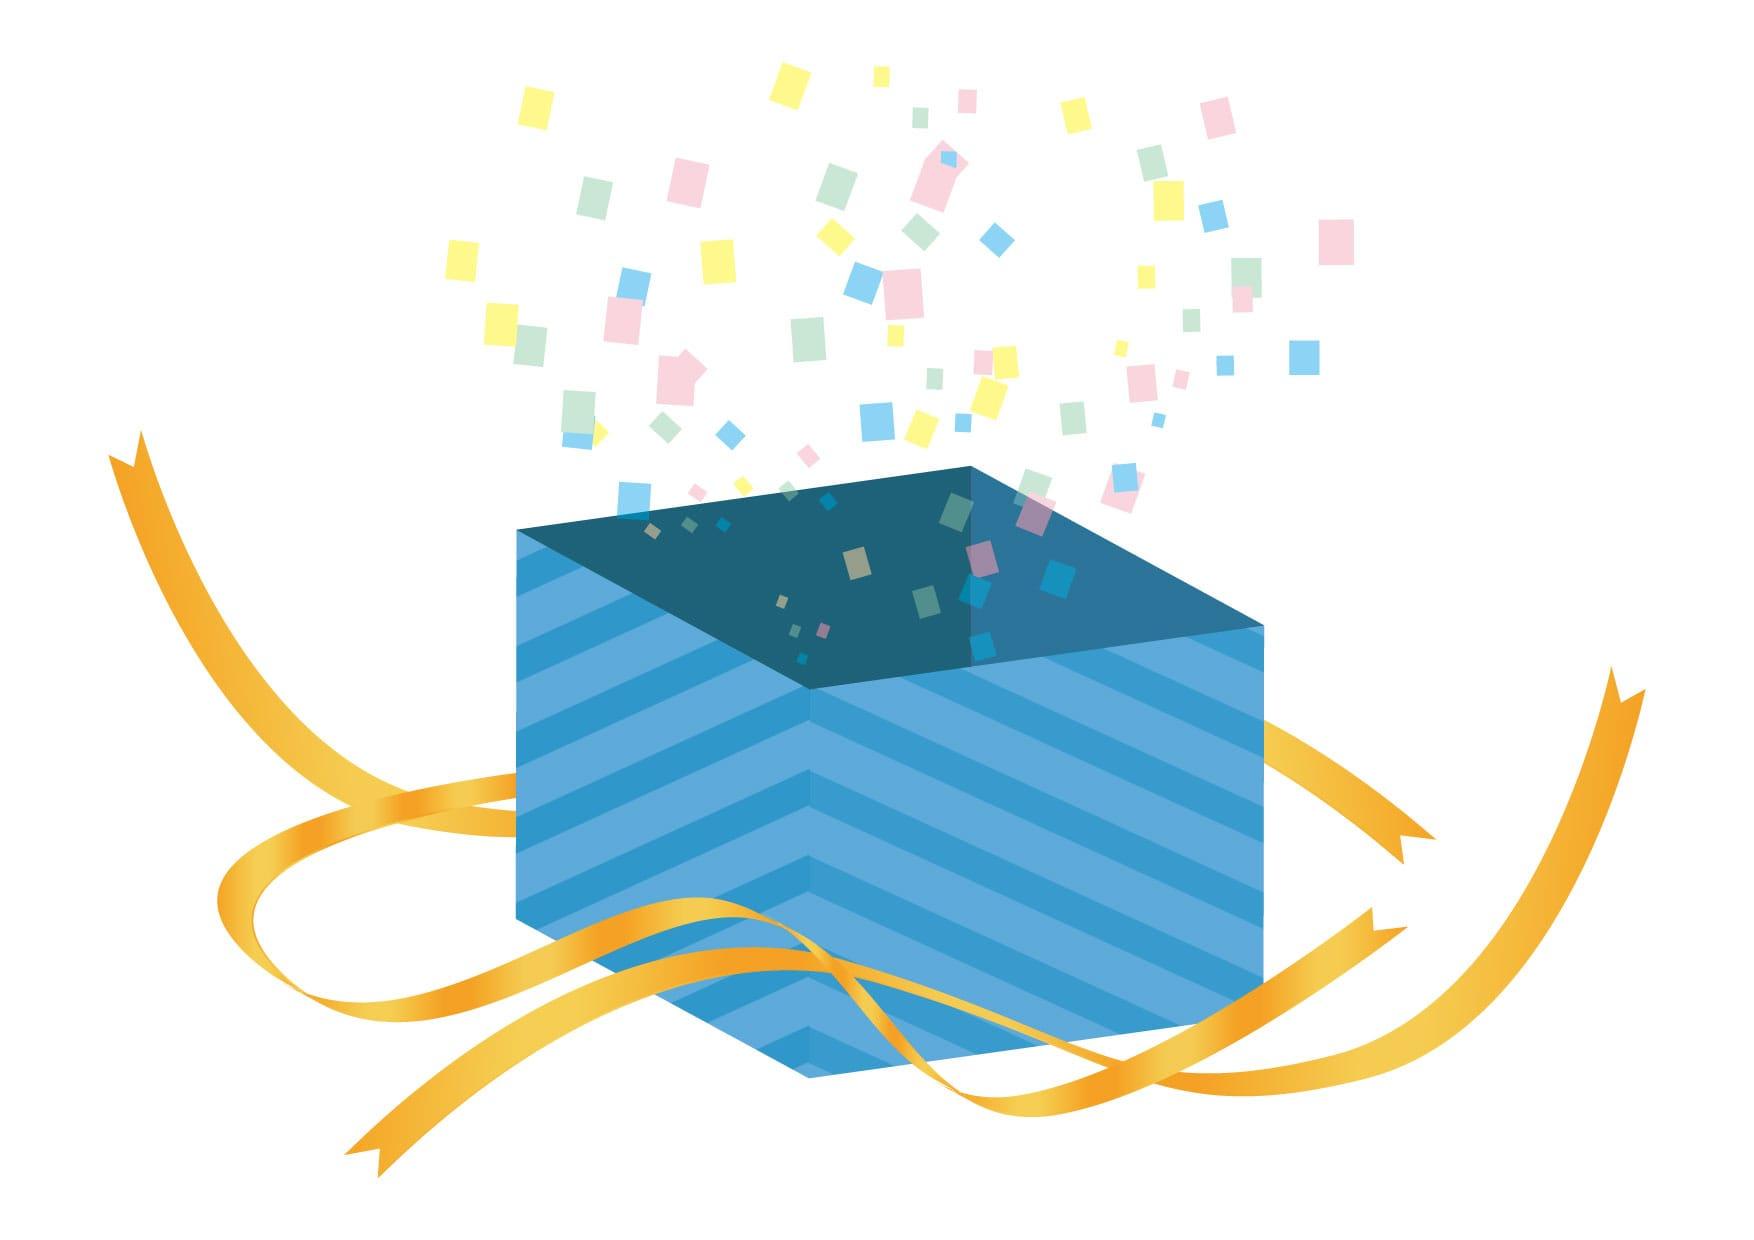 可愛いイラスト無料|サプライズ プレゼント 青色 開く − free illustration Surprise present blue